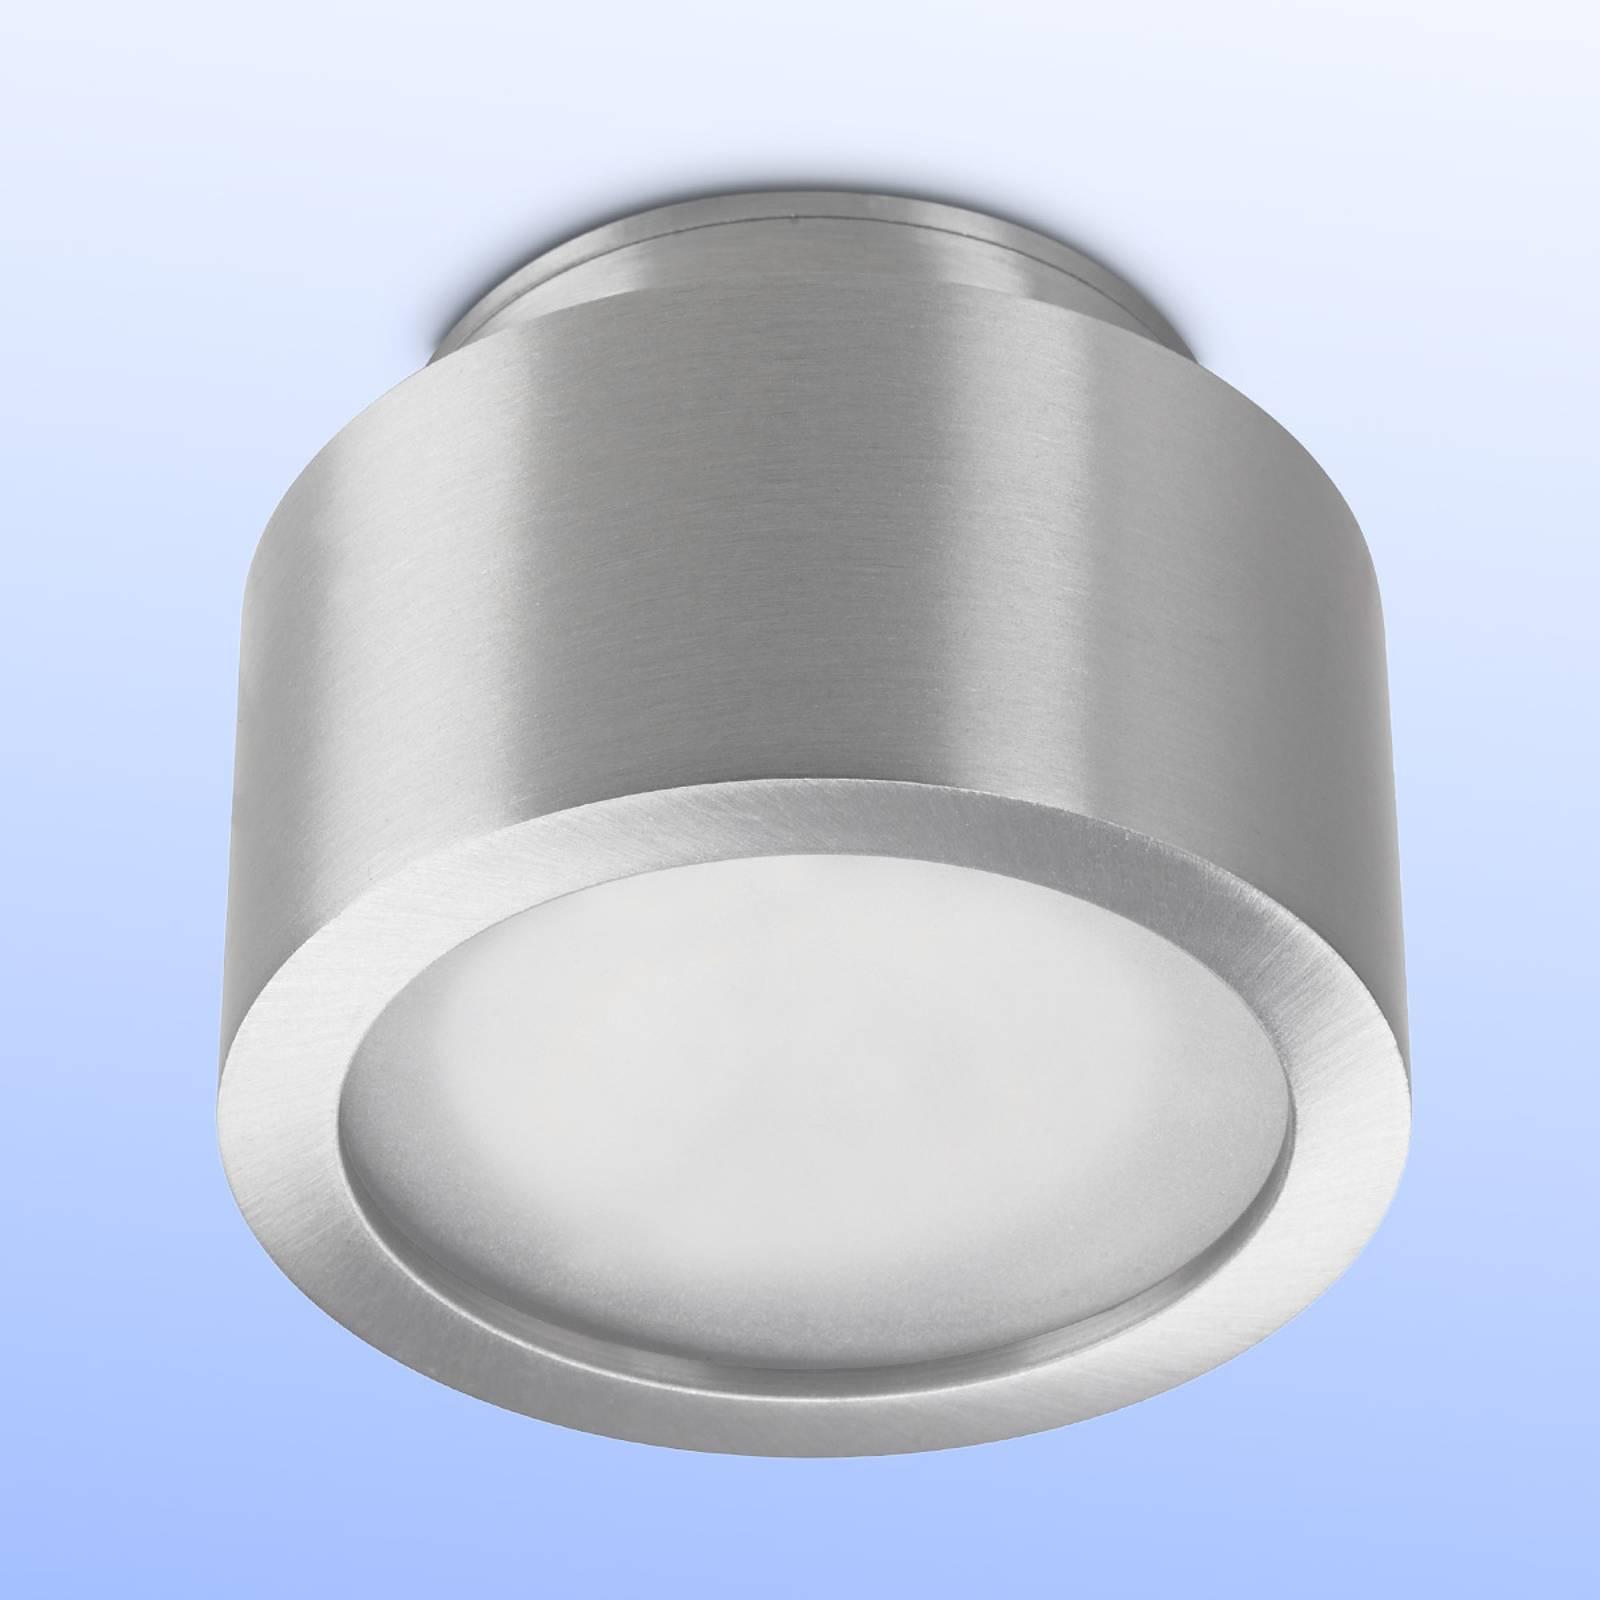 Miniplafon - Bad-plafondlamp met LED